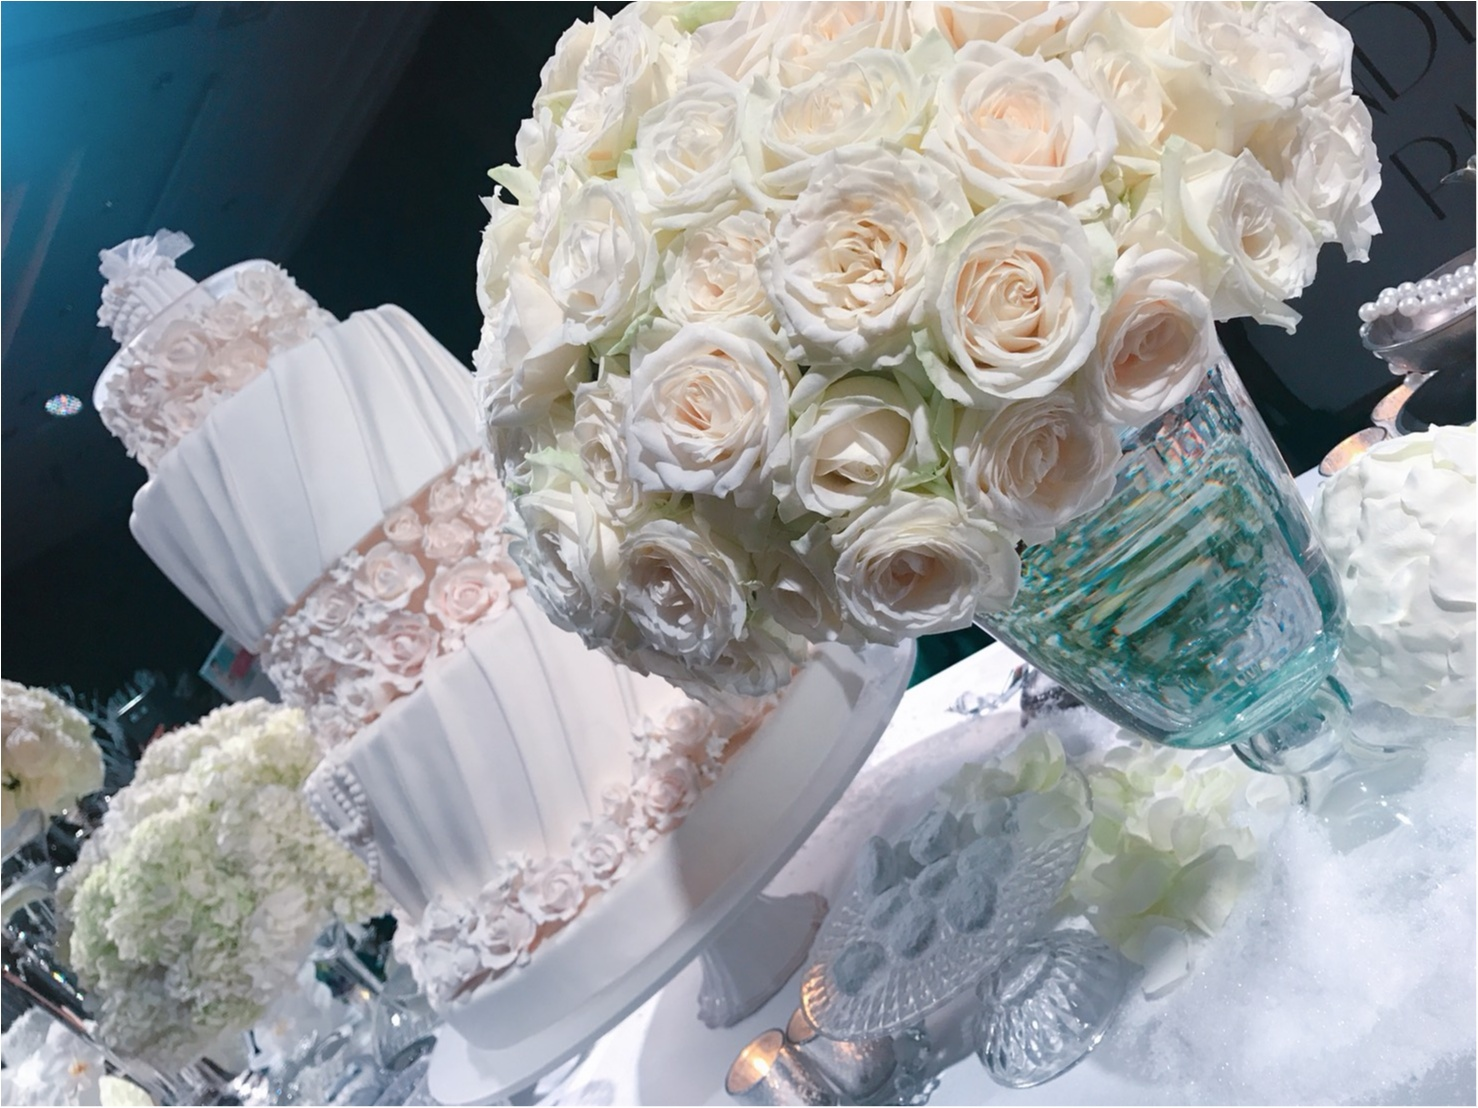 『真っ白な世界が可愛すぎ!』女の子が大好きな物を詰め込んだ palece hotel tokyo の winter wonderland party へ ❤︎_1_2